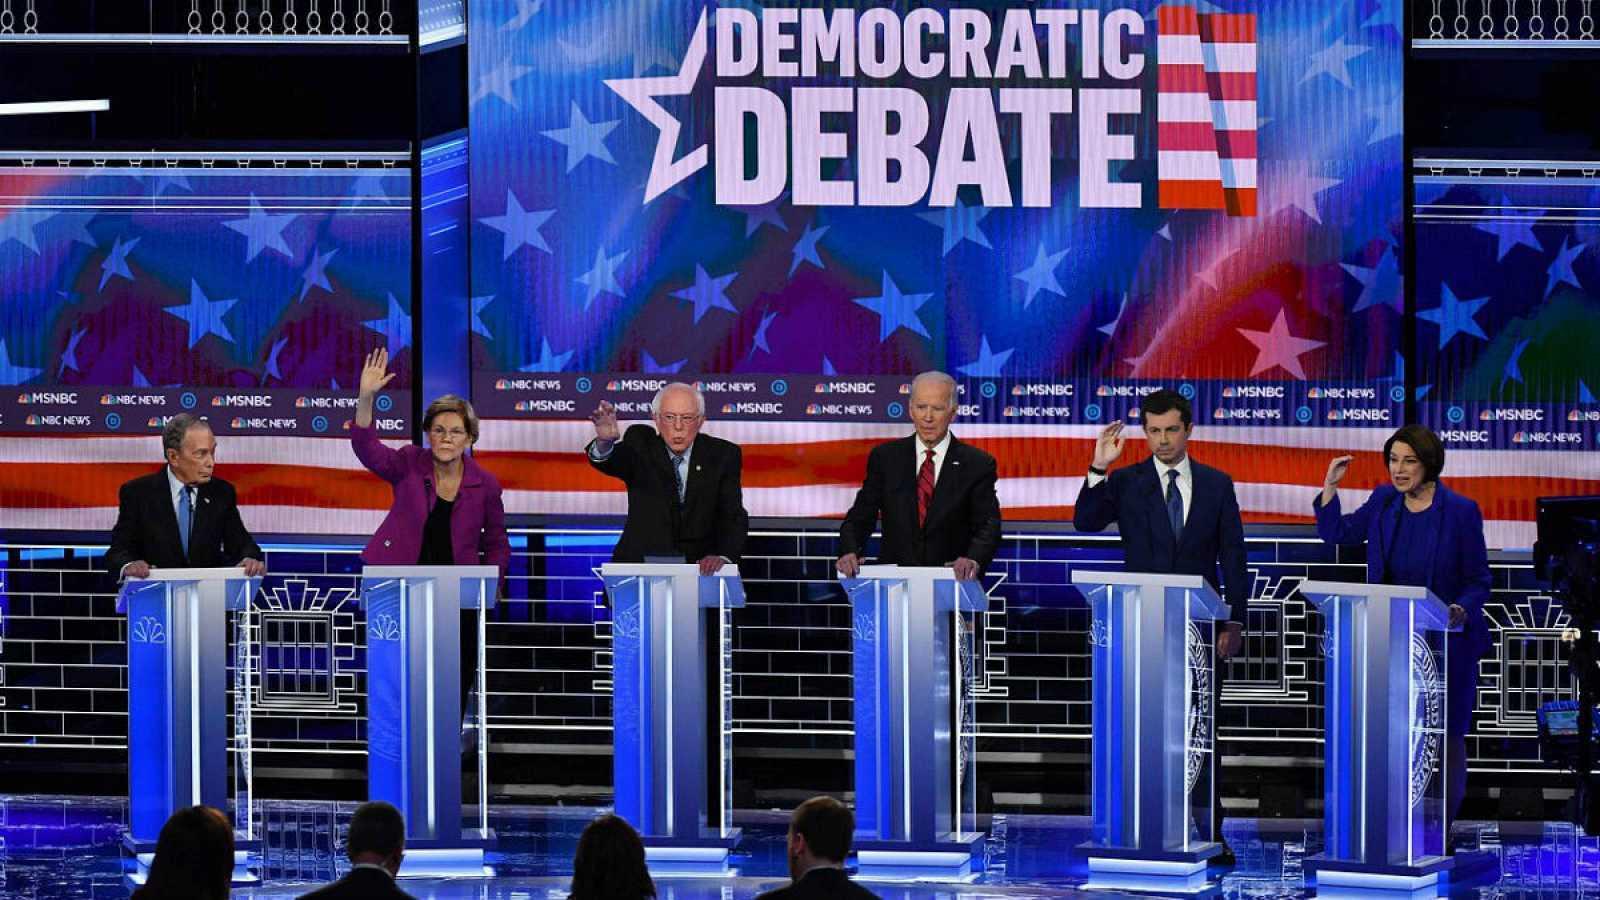 Los demócratas, todos contra Sanders en último debate antes del Súper Martes